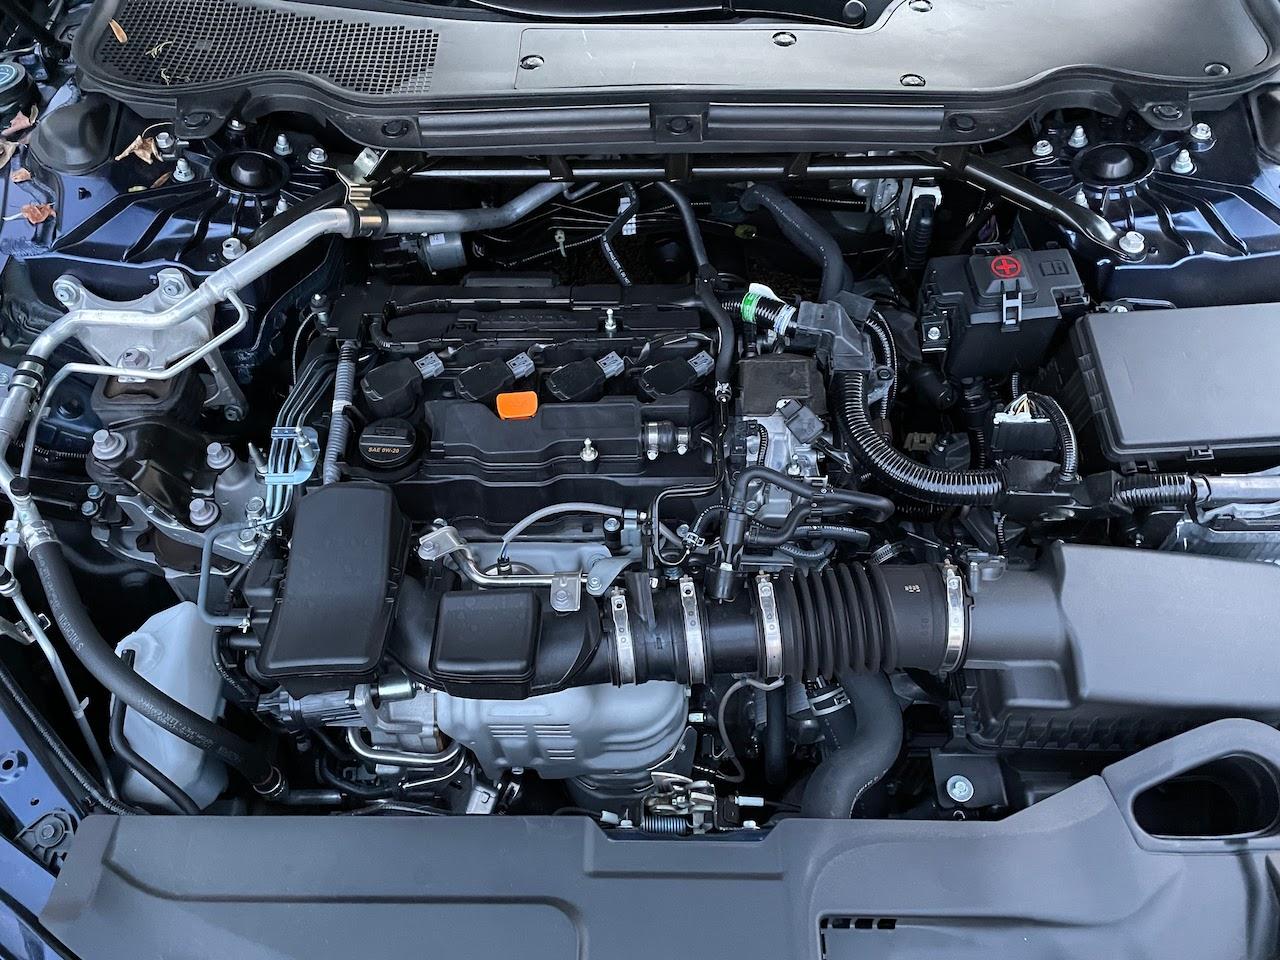 2021 Acura TLX 2.0 engine